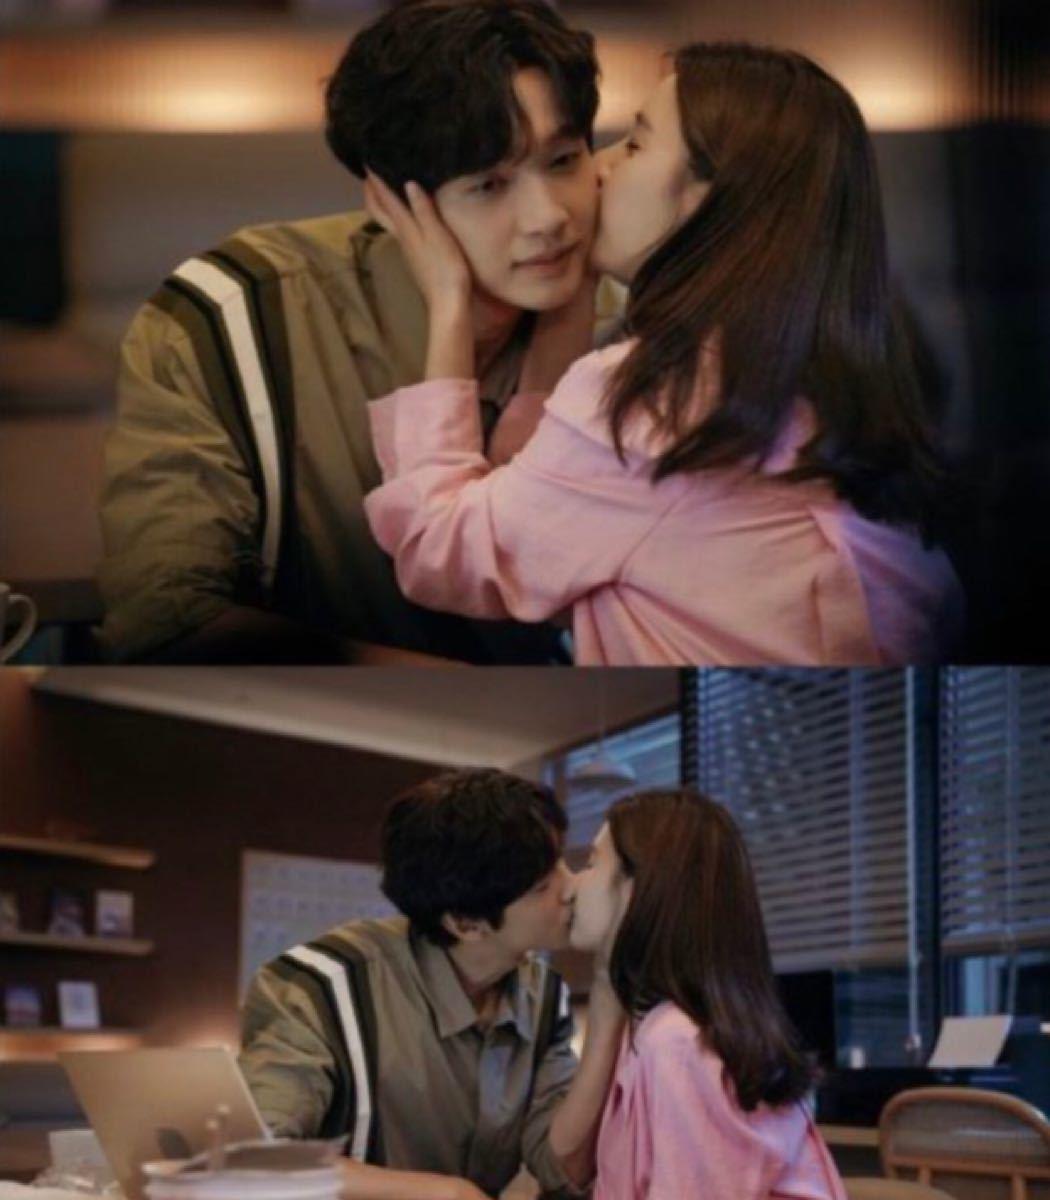 韓国ドラマ 恋愛は面倒くさいけど寂しいのはイヤ 《Blu-ray》